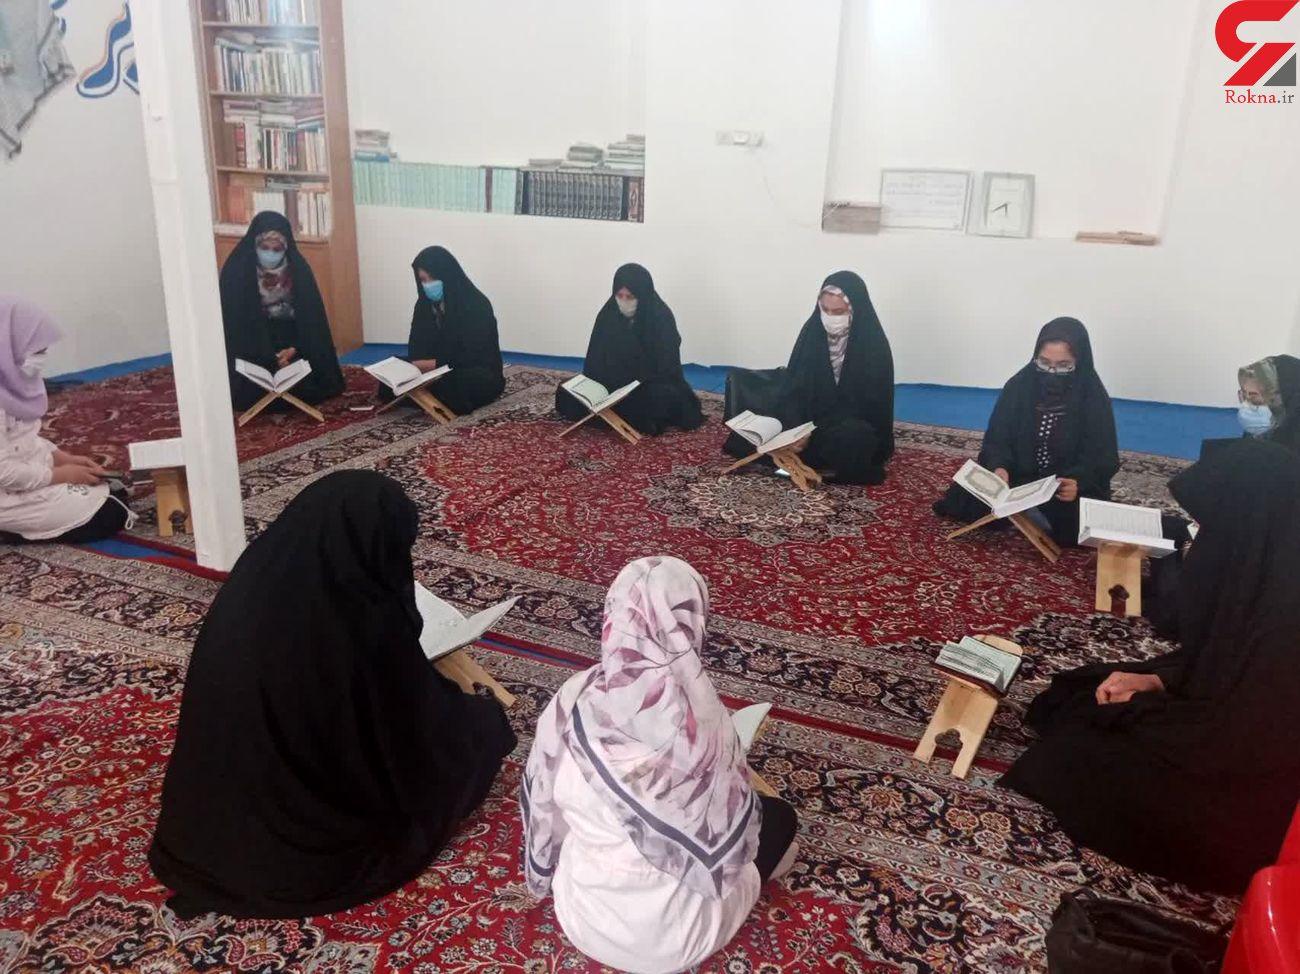 ختم قرآن کریم در خانه قرآن مهر روستای دزک